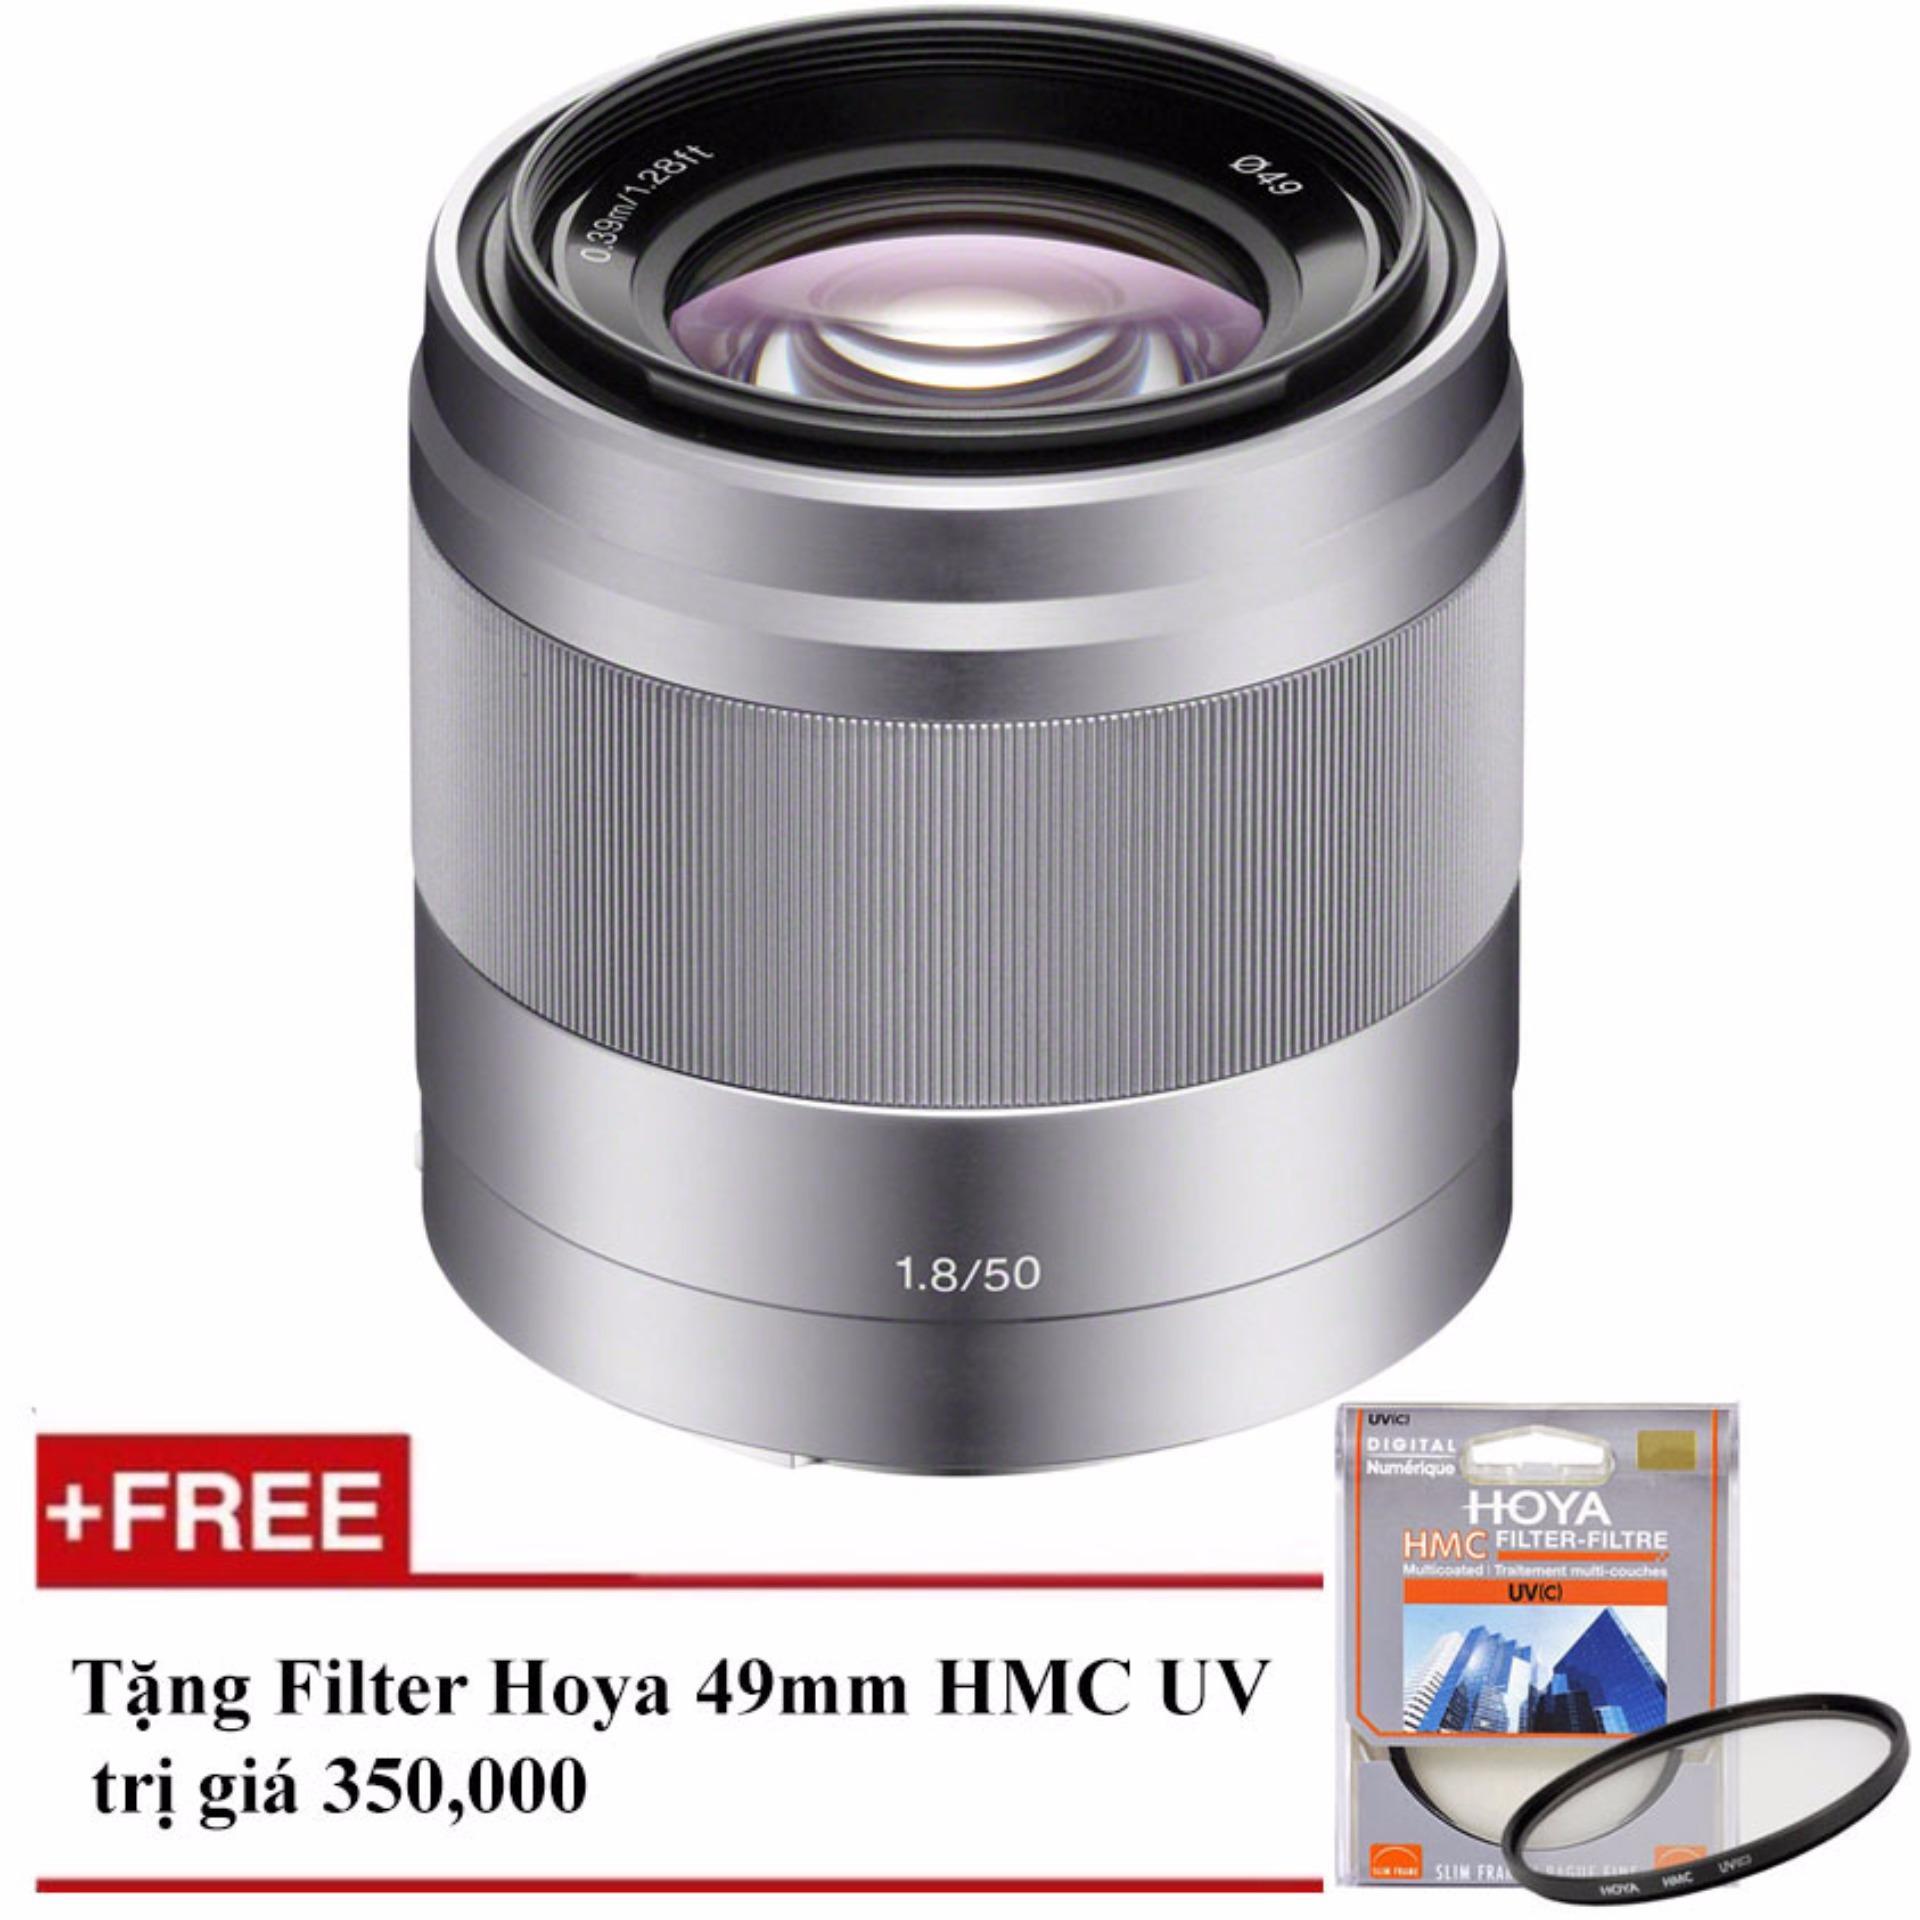 Ống kính Sony SEL 50mm F/1.8 OSS (Bạc) – Tặng 1 Filter Hoya HMC UV 49mm